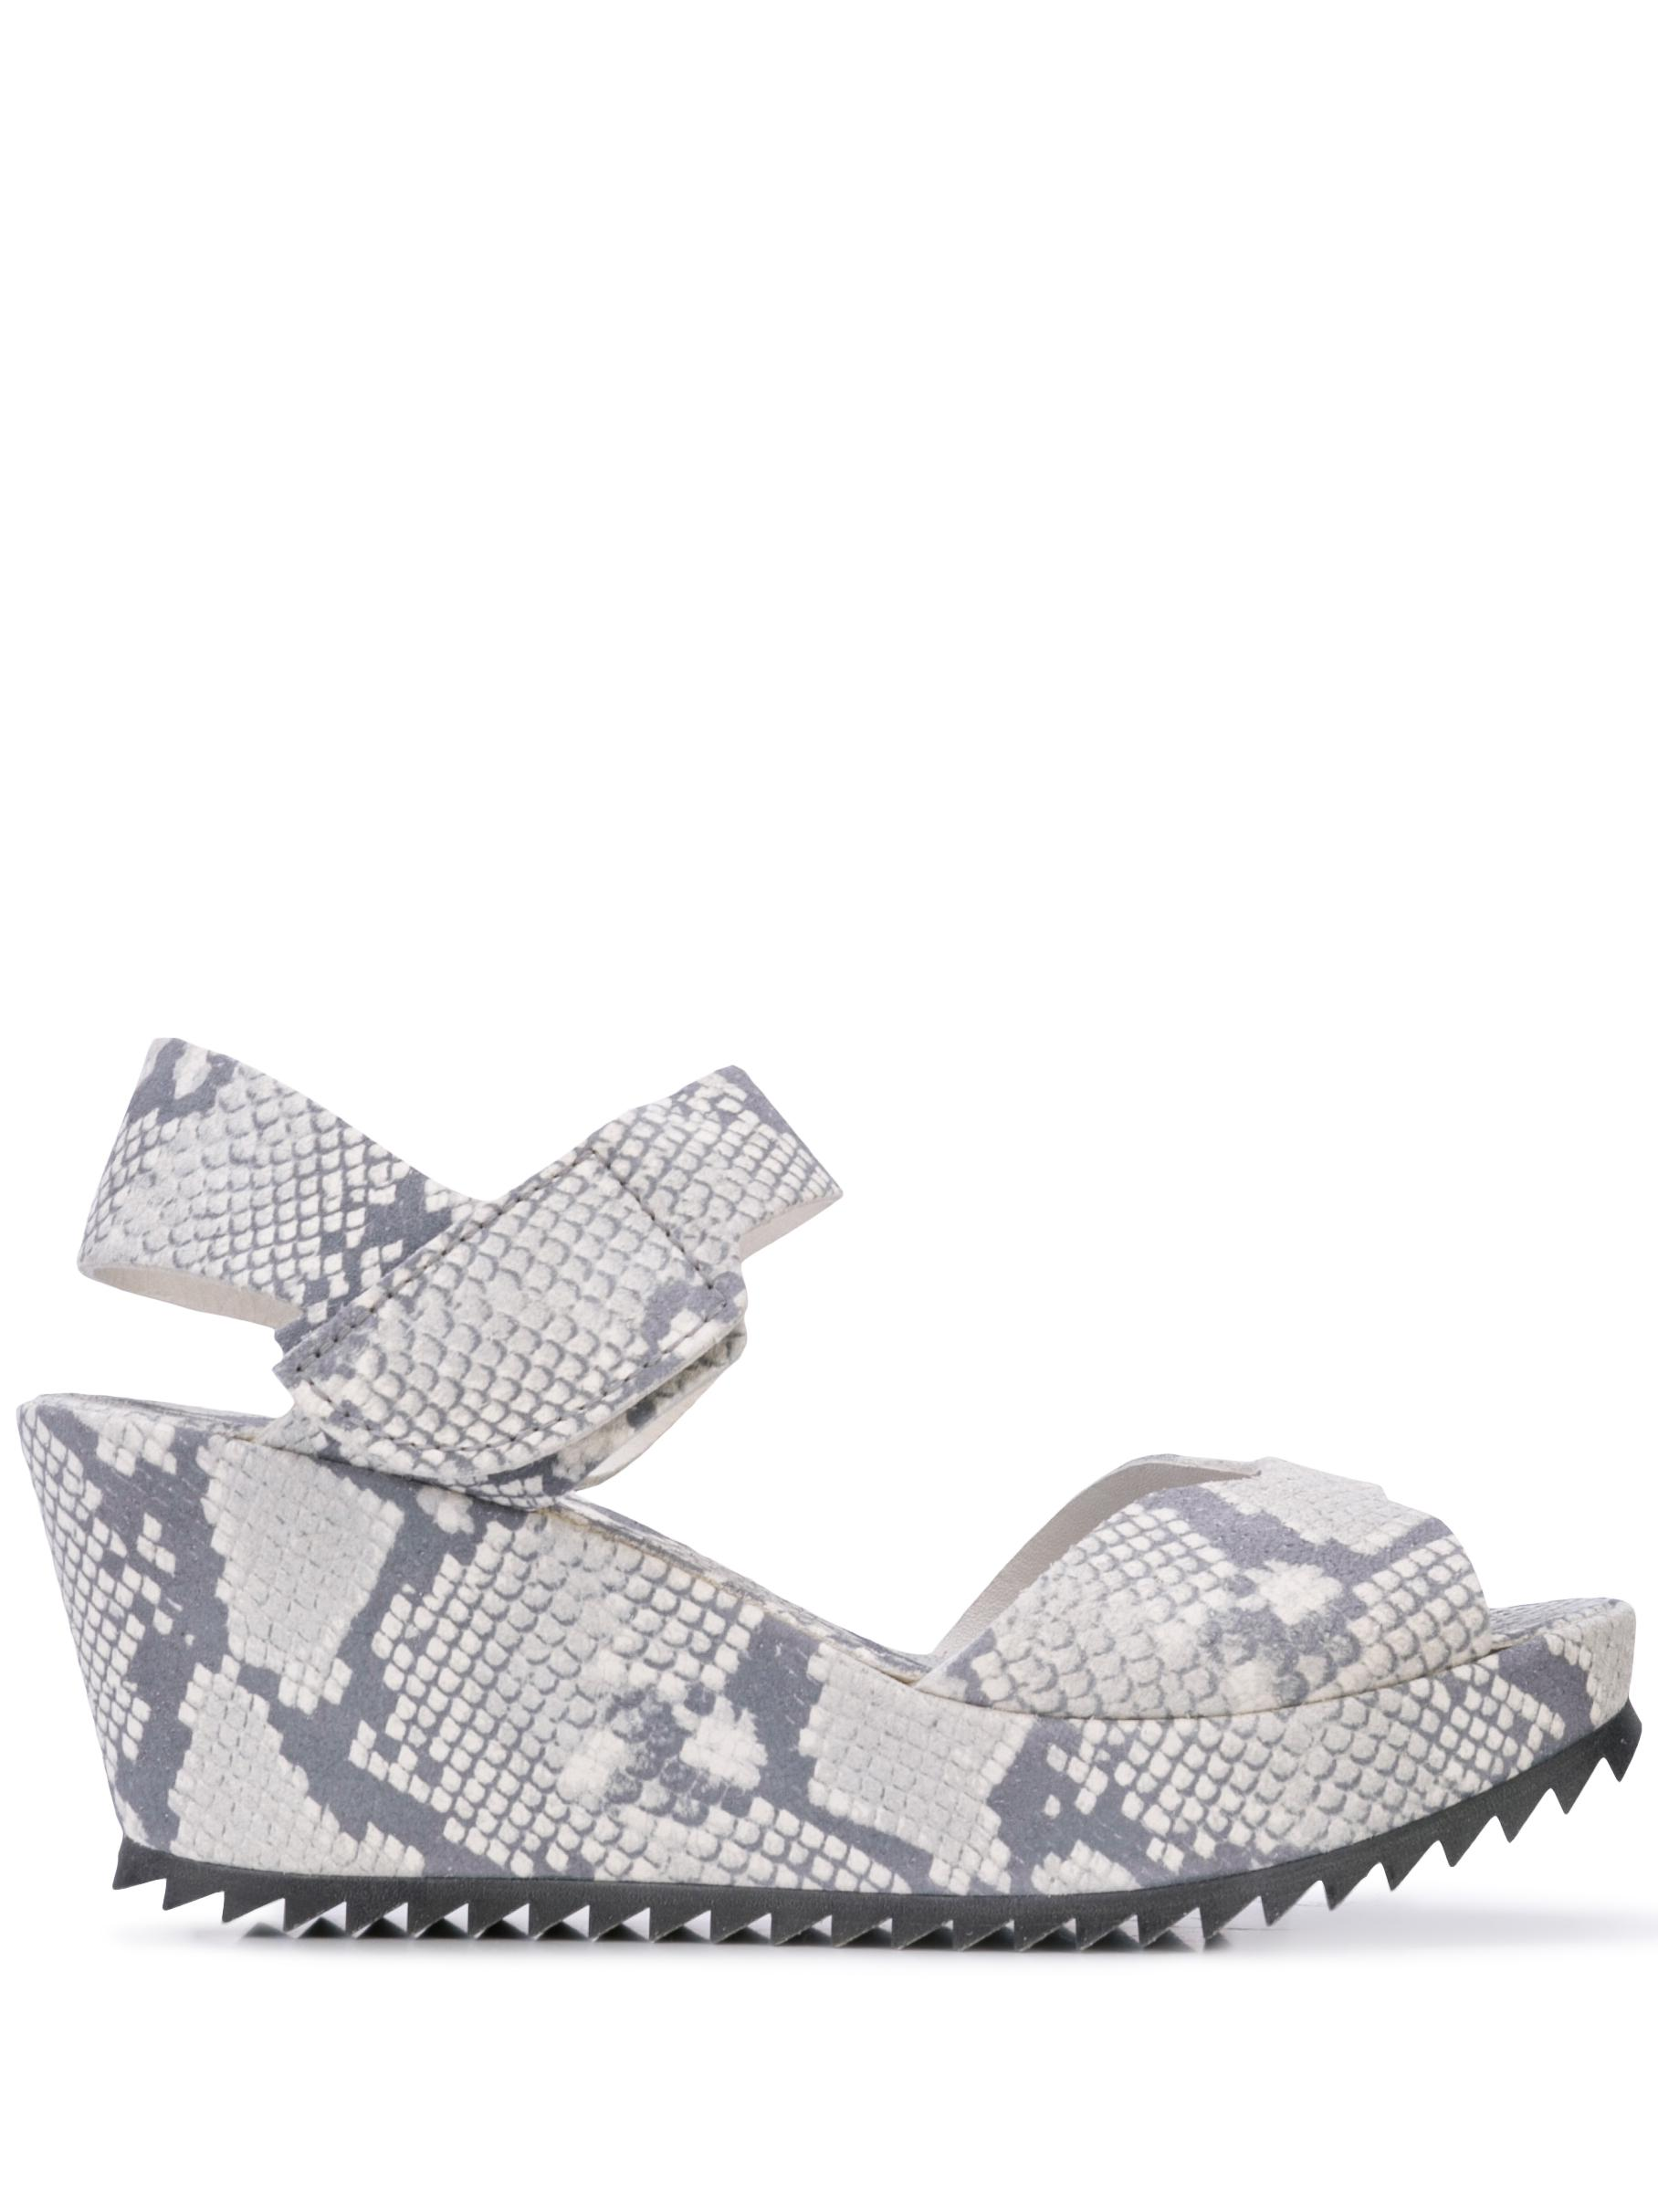 Platform Wedge Ankle Strap Sandal